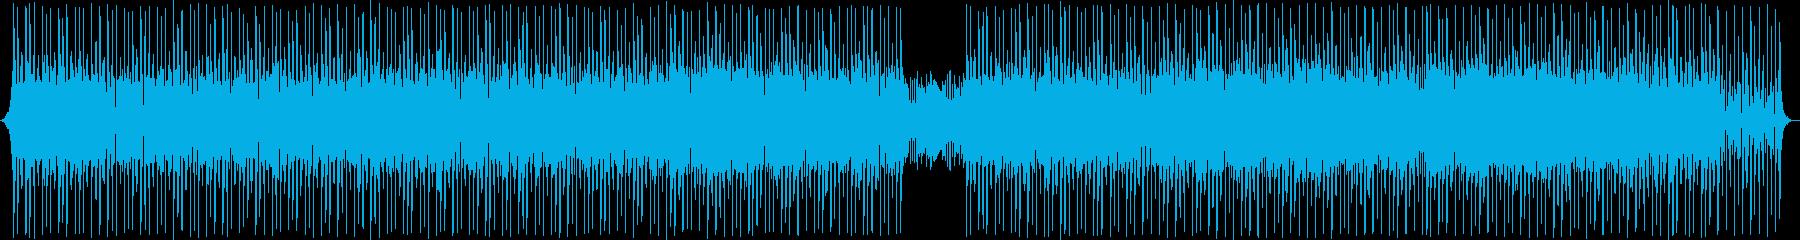 サイケデリックで反復的なトランス。催眠。の再生済みの波形